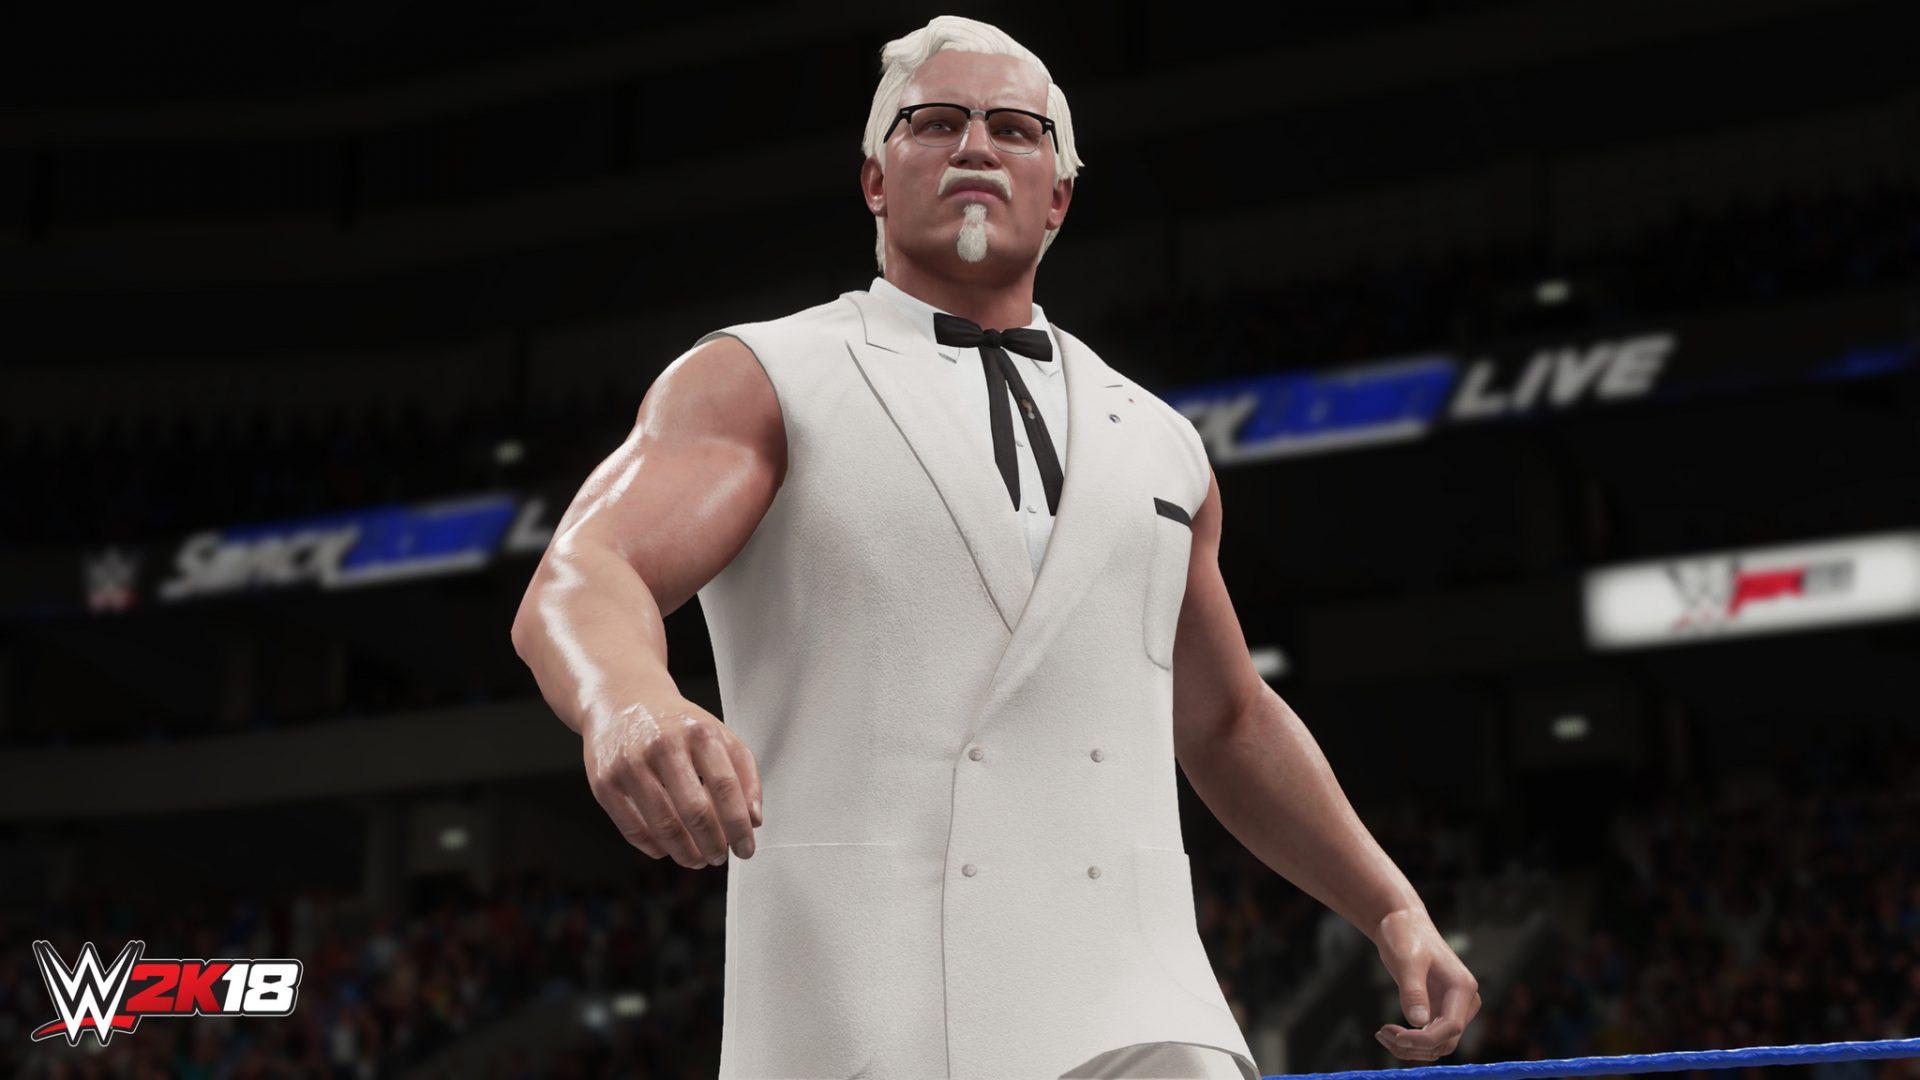 В WWE 2K18 можно будет сыграть за основателя KFC